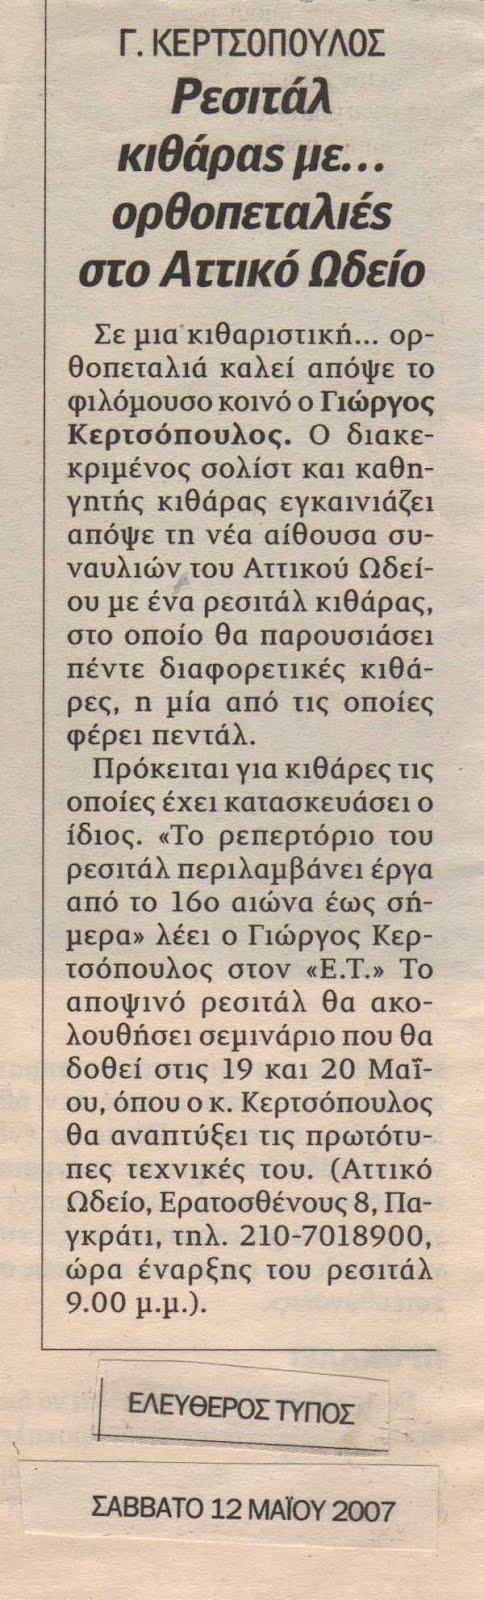 Eleftheros typos 2007-Kertsopoulos recital Attiko Odeio